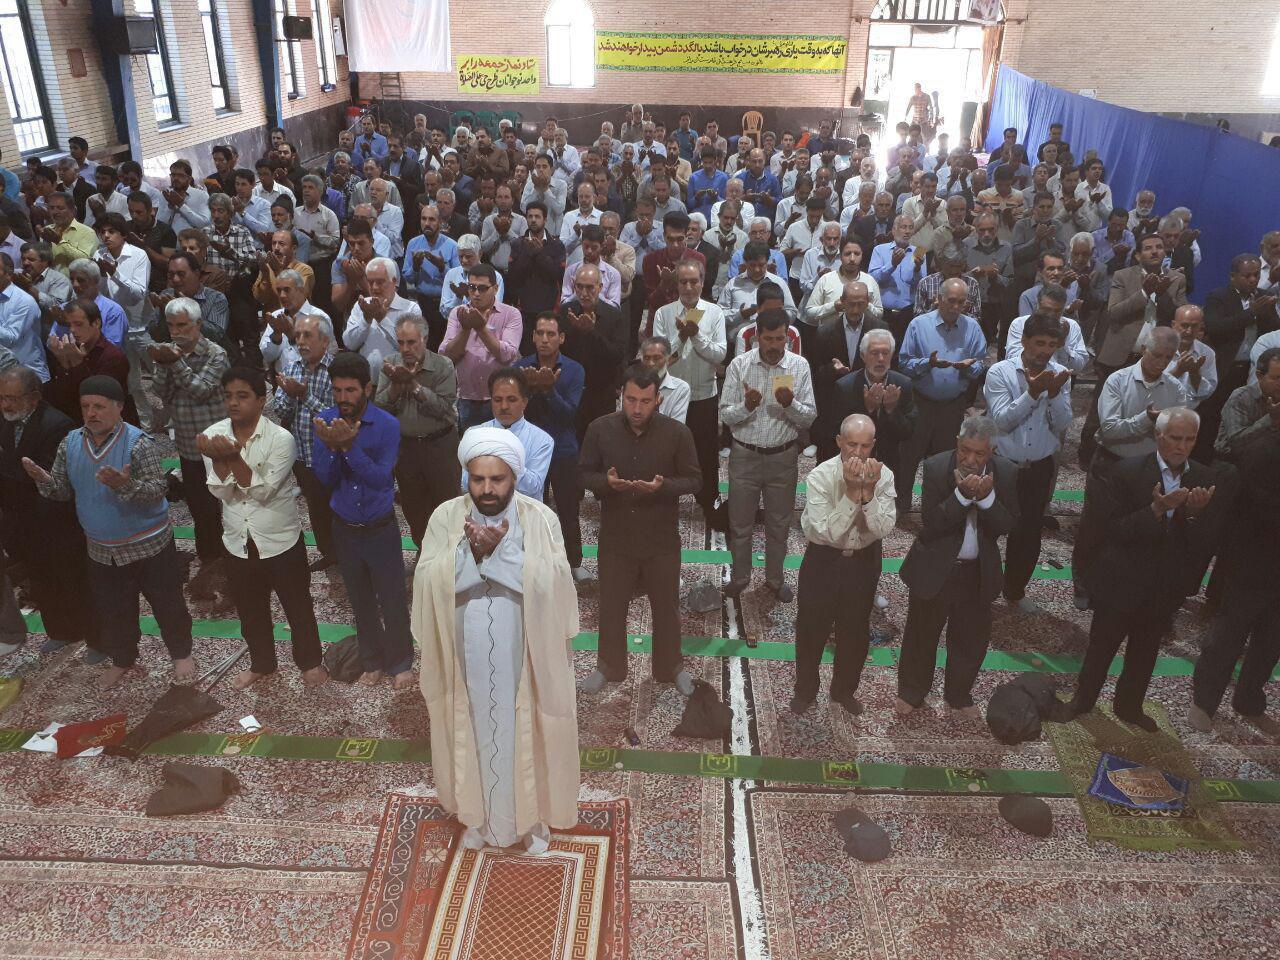 دستان بندگی رابریها در روز قدردانی بزرگ الهی آسمانی شد /تصاویر